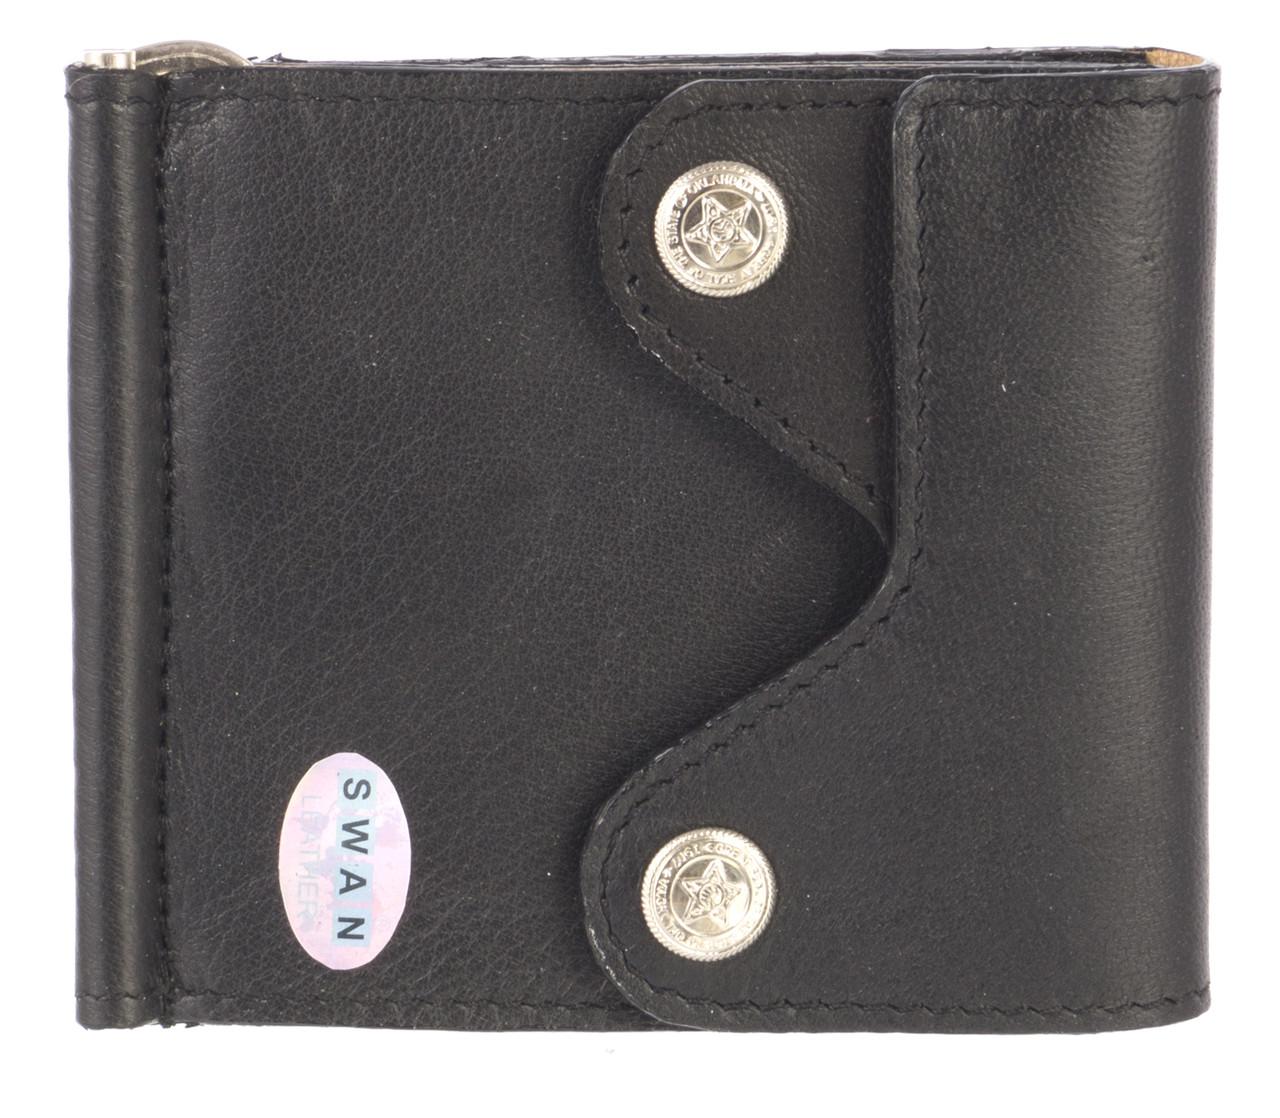 Недорогий шкіряний чоловічий гаманець з м'якої шкіри з затиском для грошей SWAN art. B 0014 BIG чорний